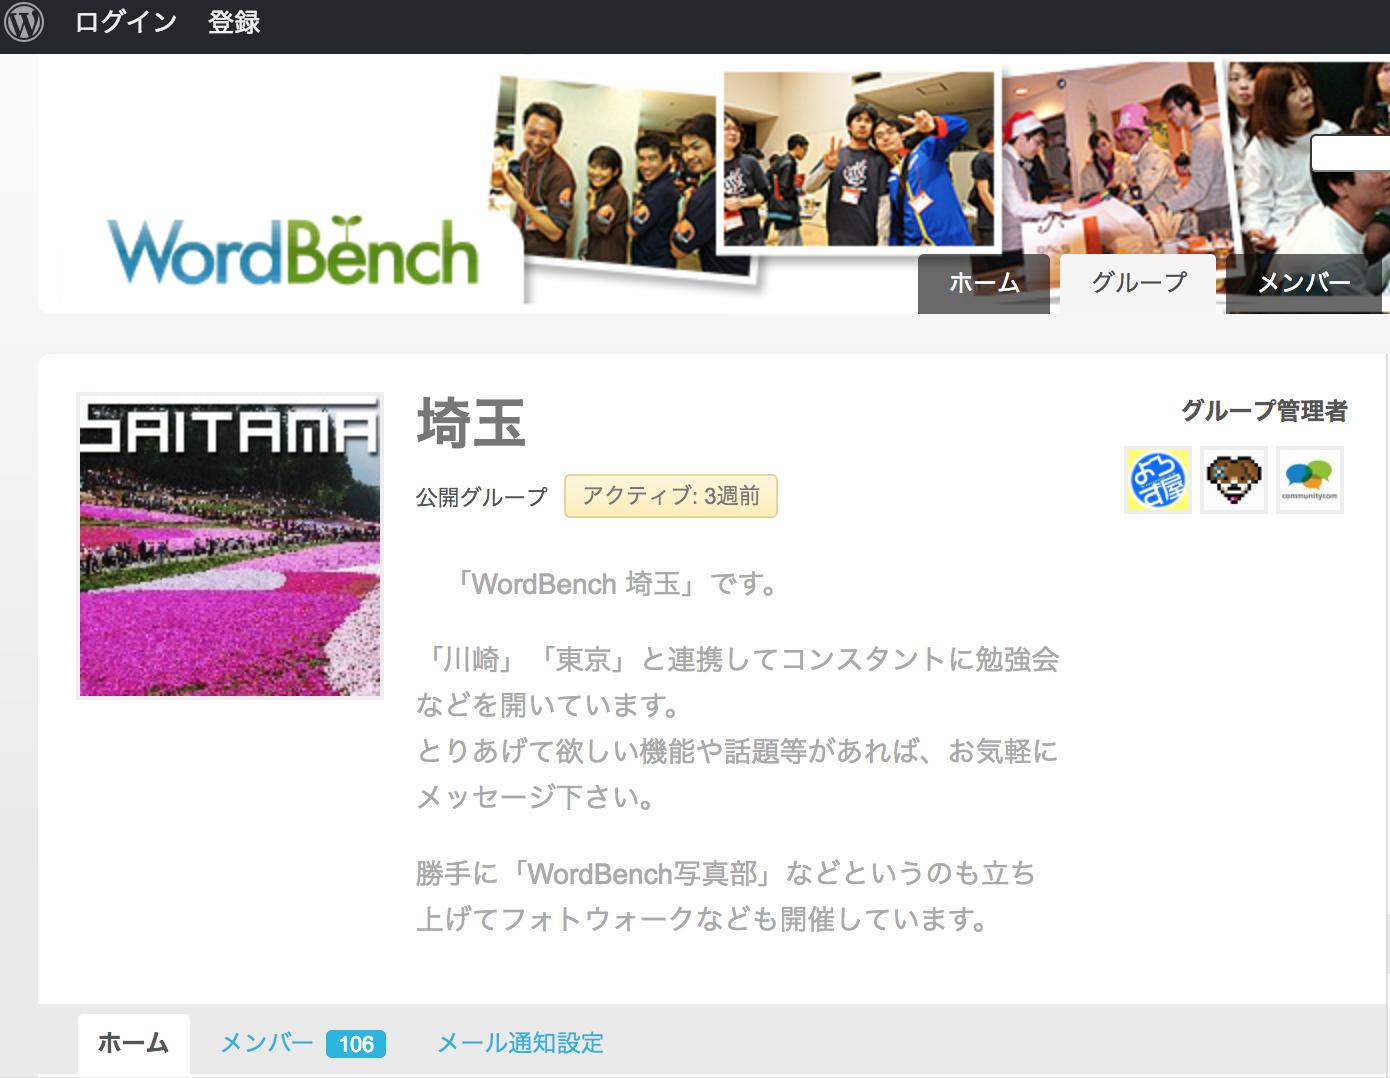 WordBench 埼玉: ヘッダ